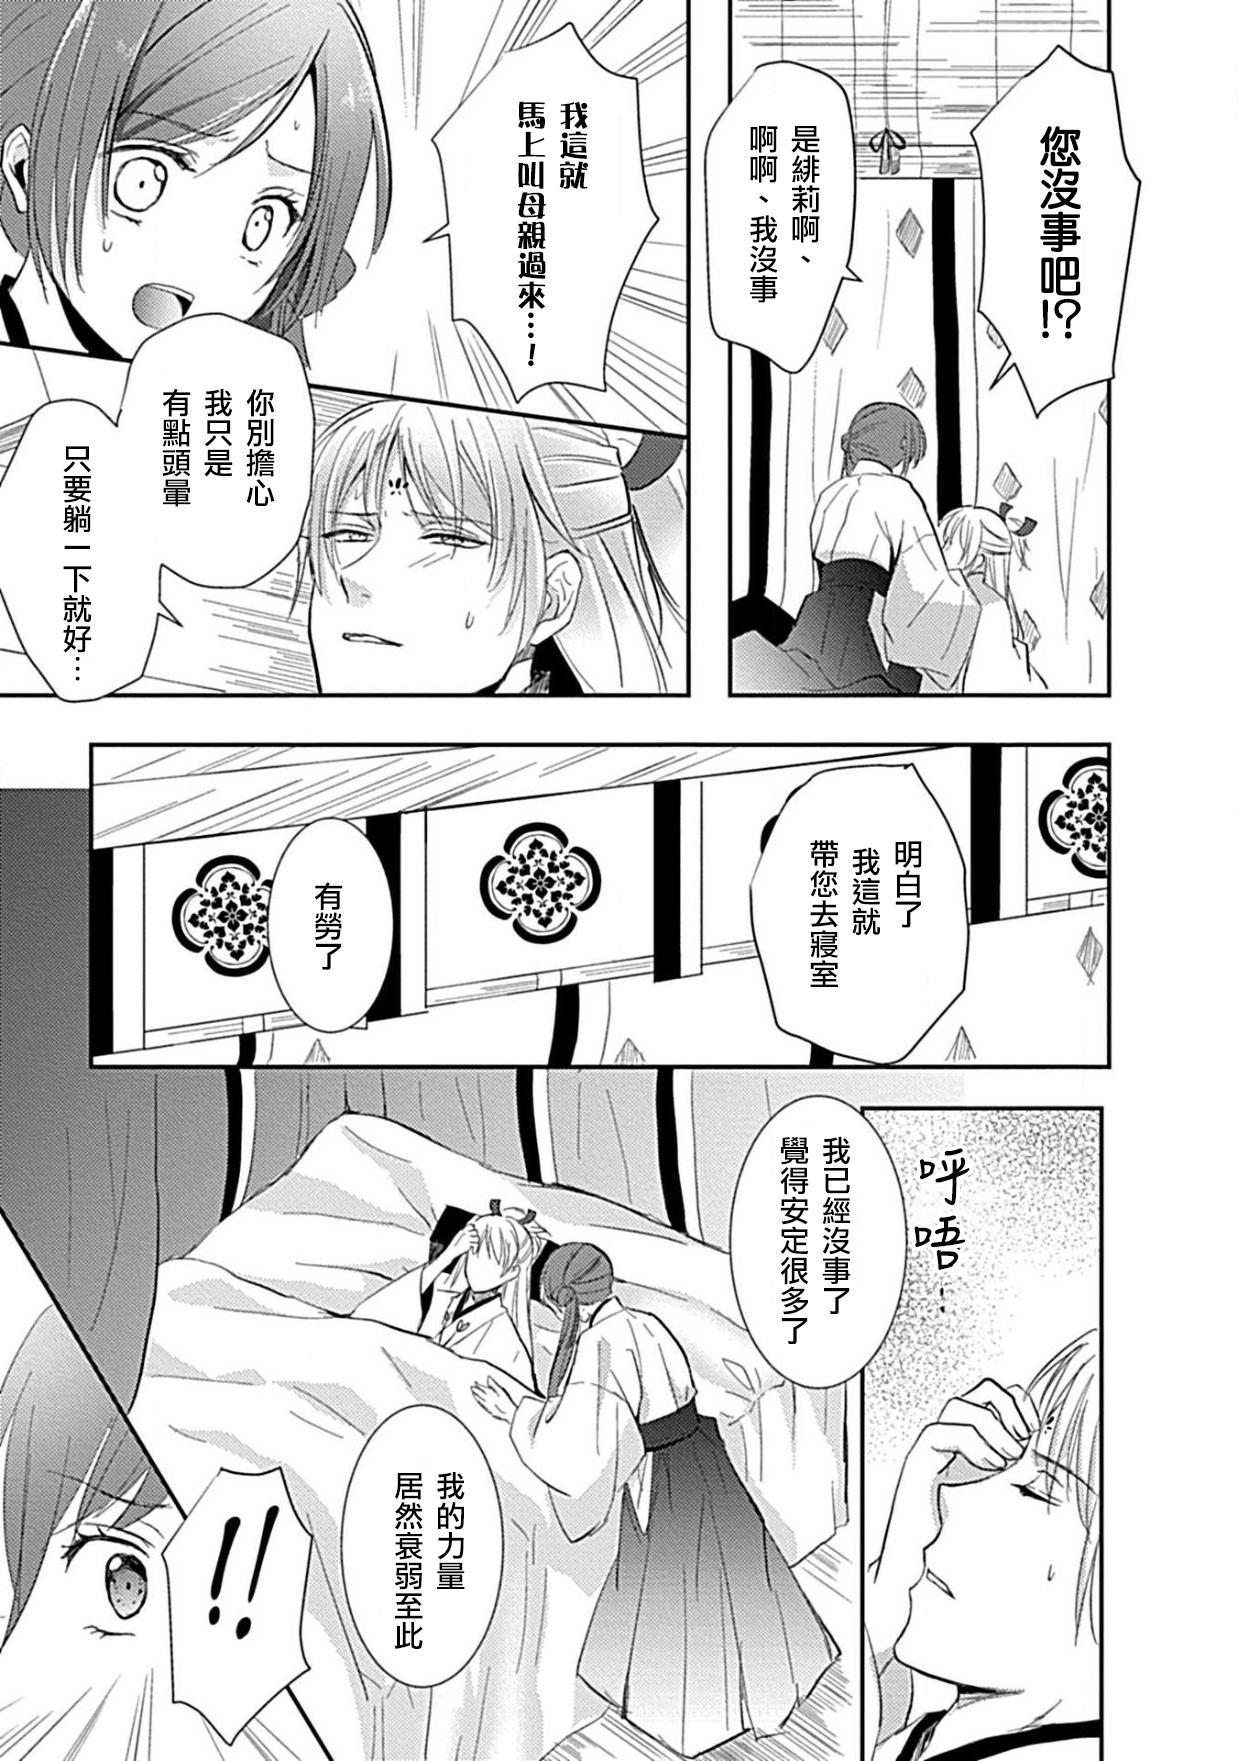 kyosei ranbu itoshi no kamisama ha amayaka ni osu deshita | 嬌聲亂舞 深愛的神明大人甜寵且英勇 17